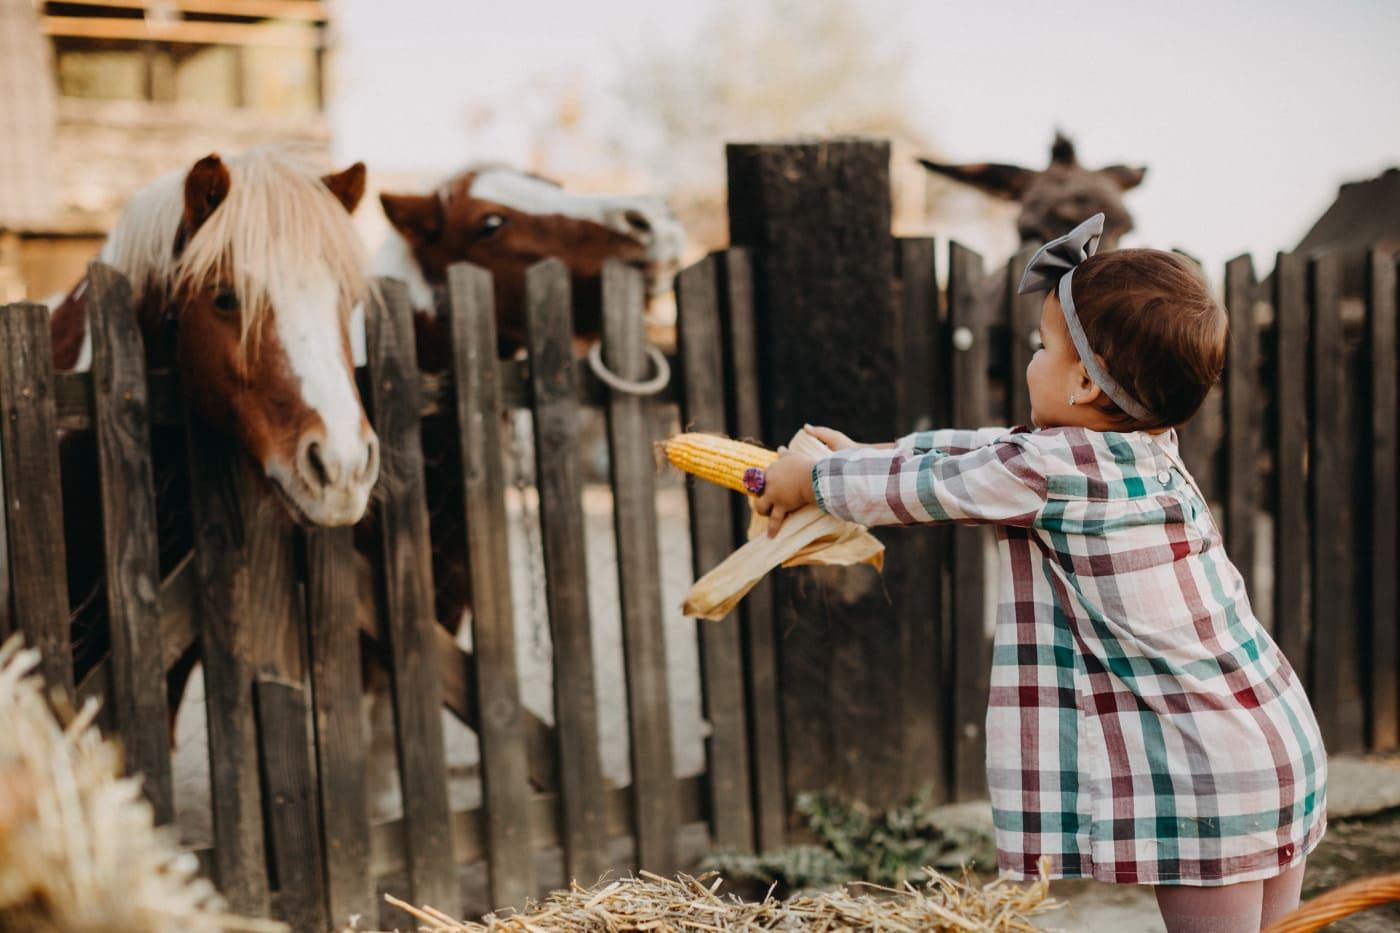 ребенок, питание, лошади, Ранчо, сарай, ферма, кавалерия, забор, сельских районах, на открытом воздухе